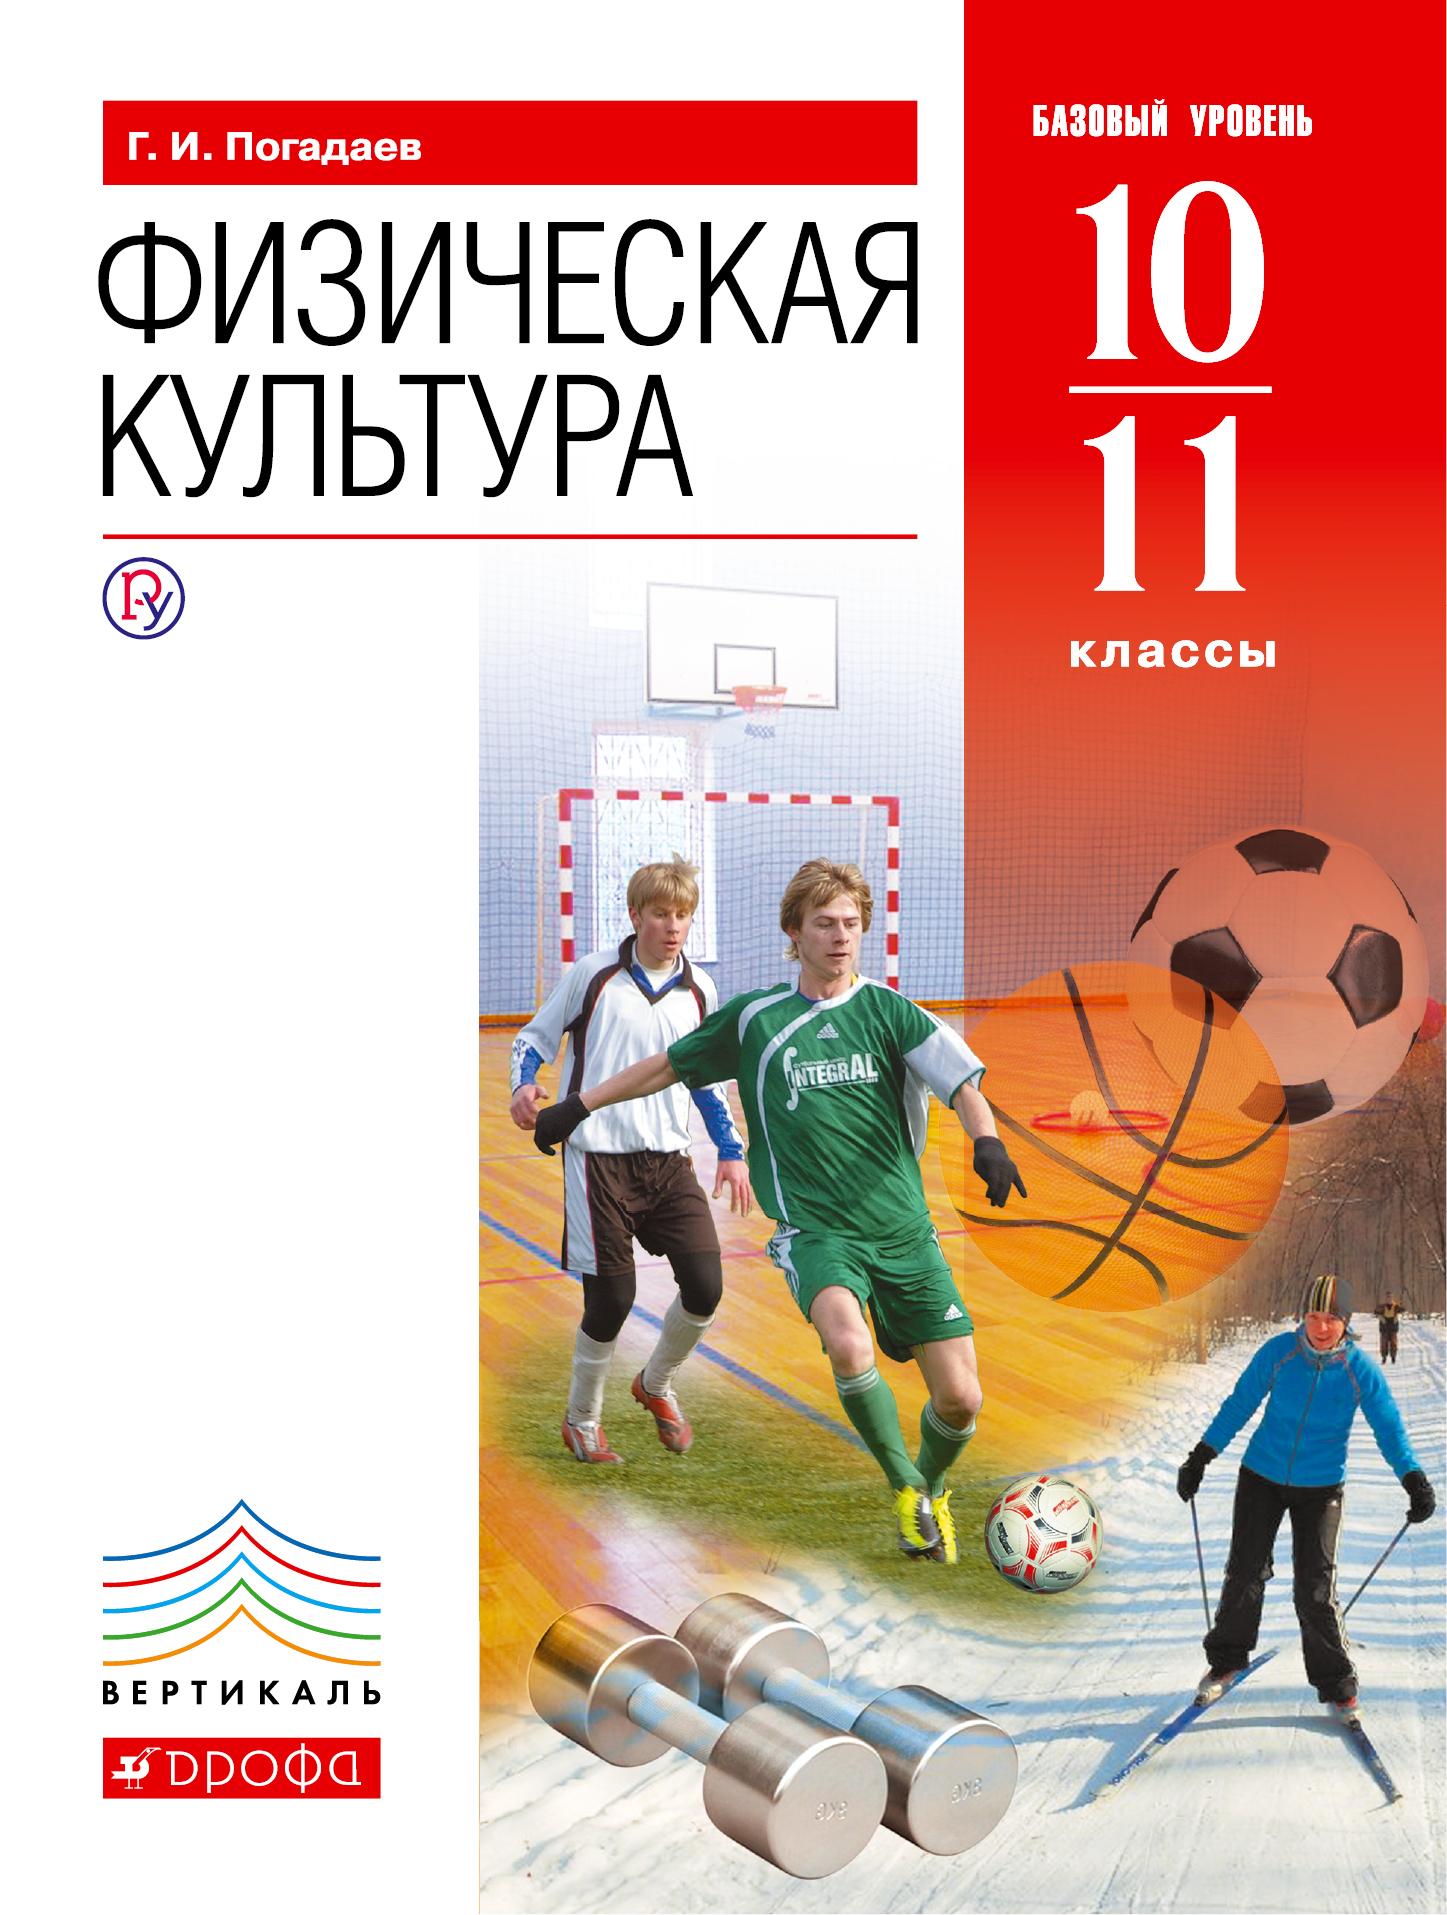 Г. И. Погадаев Физическая культура. Базовый уровень. 10-11 класс. Учебник ISBN: 978-5-358-21016-5